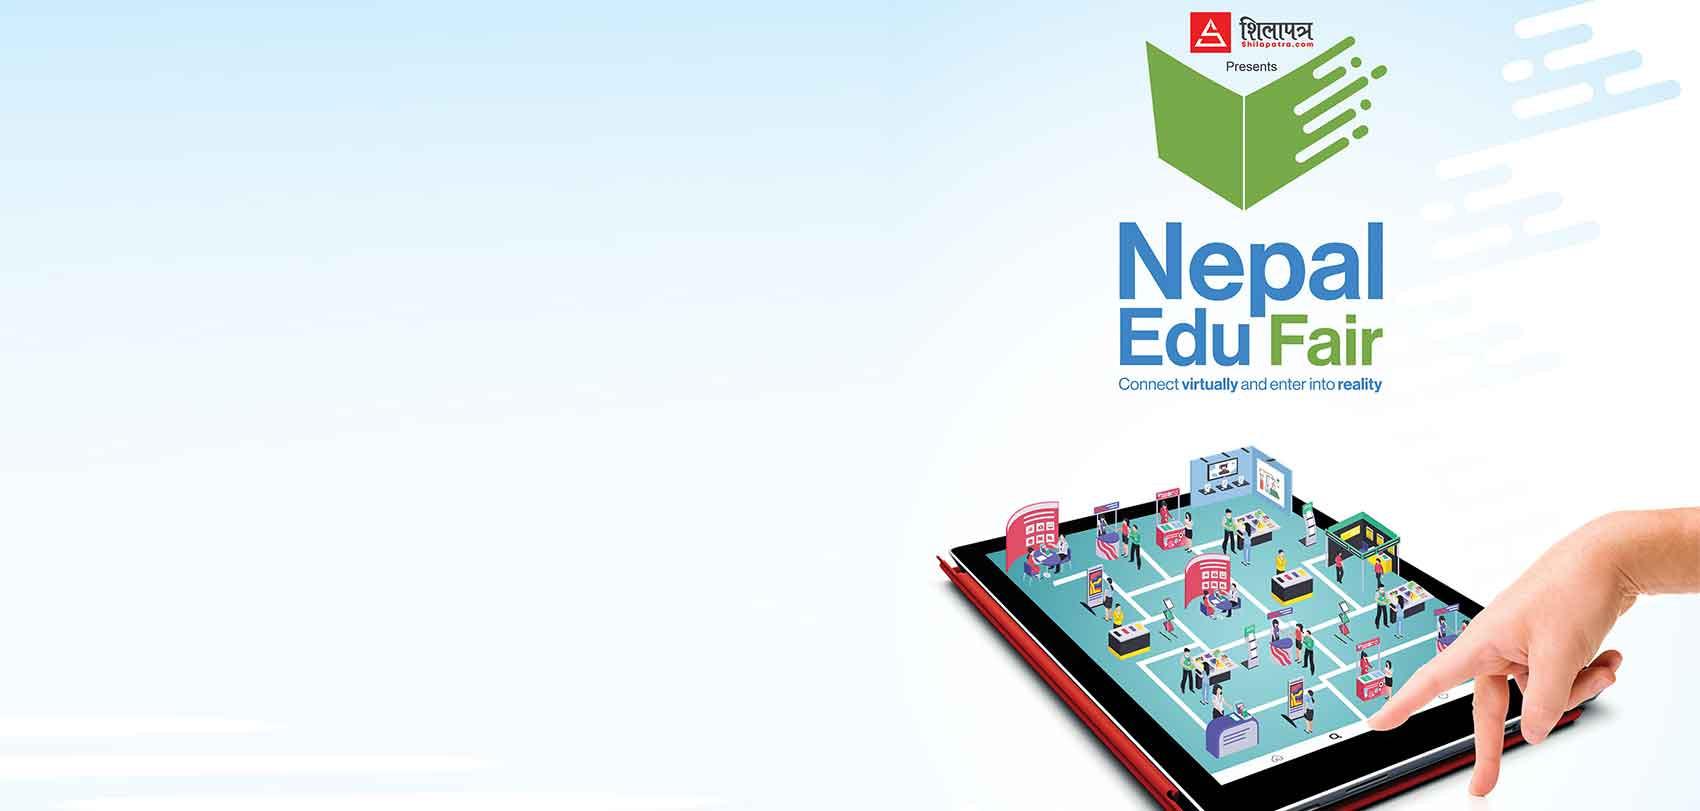 'भर्चुअल'  कक्षामा जोडिए ५८ हजार विद्यार्थी